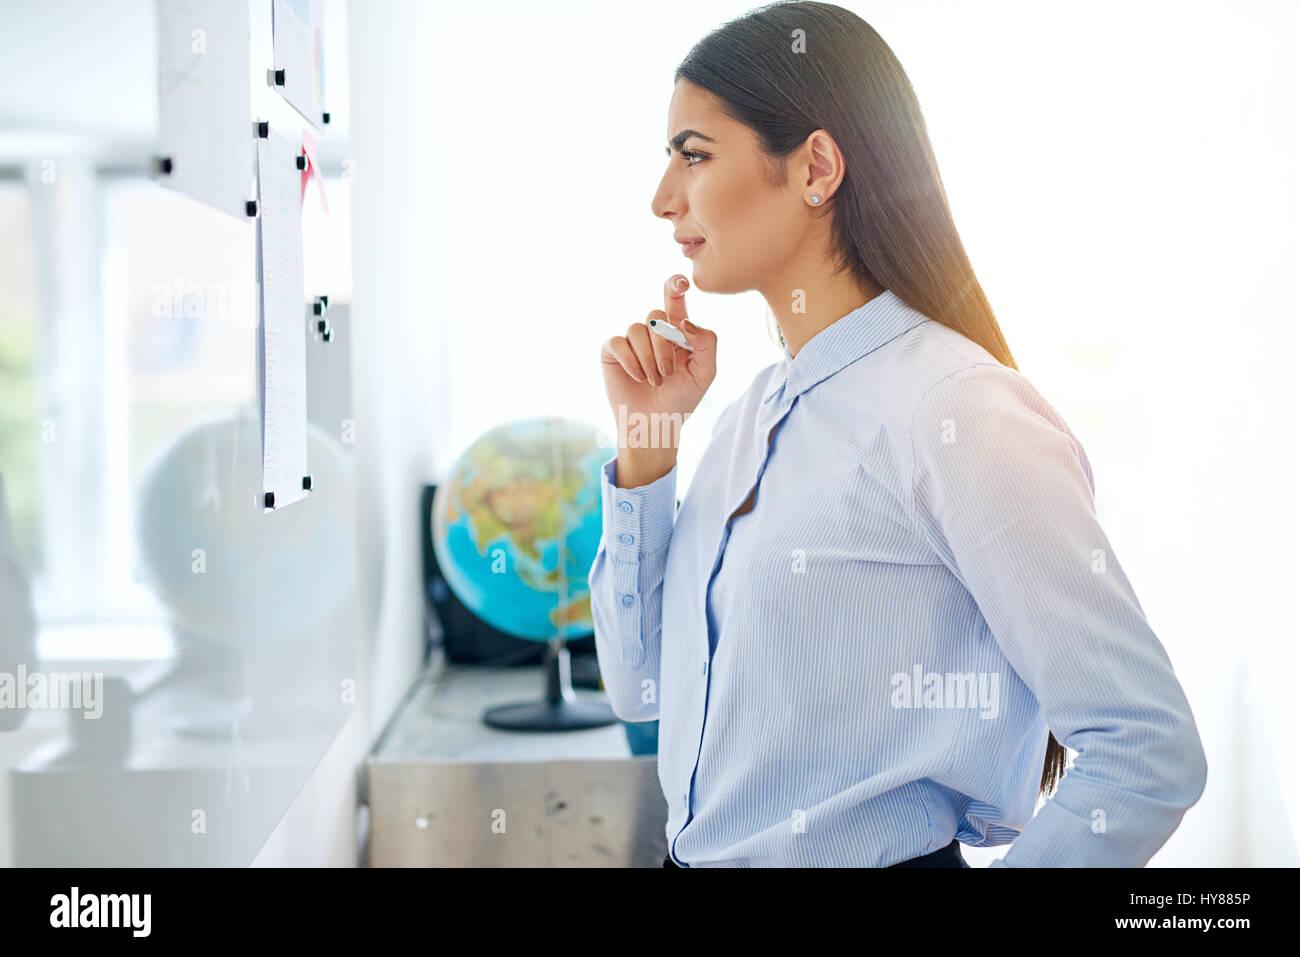 Pensativo empresaria leer un anuncio sobre una placa reflectante con su dedo a su barbilla y una expresión pensativa, Foto de stock